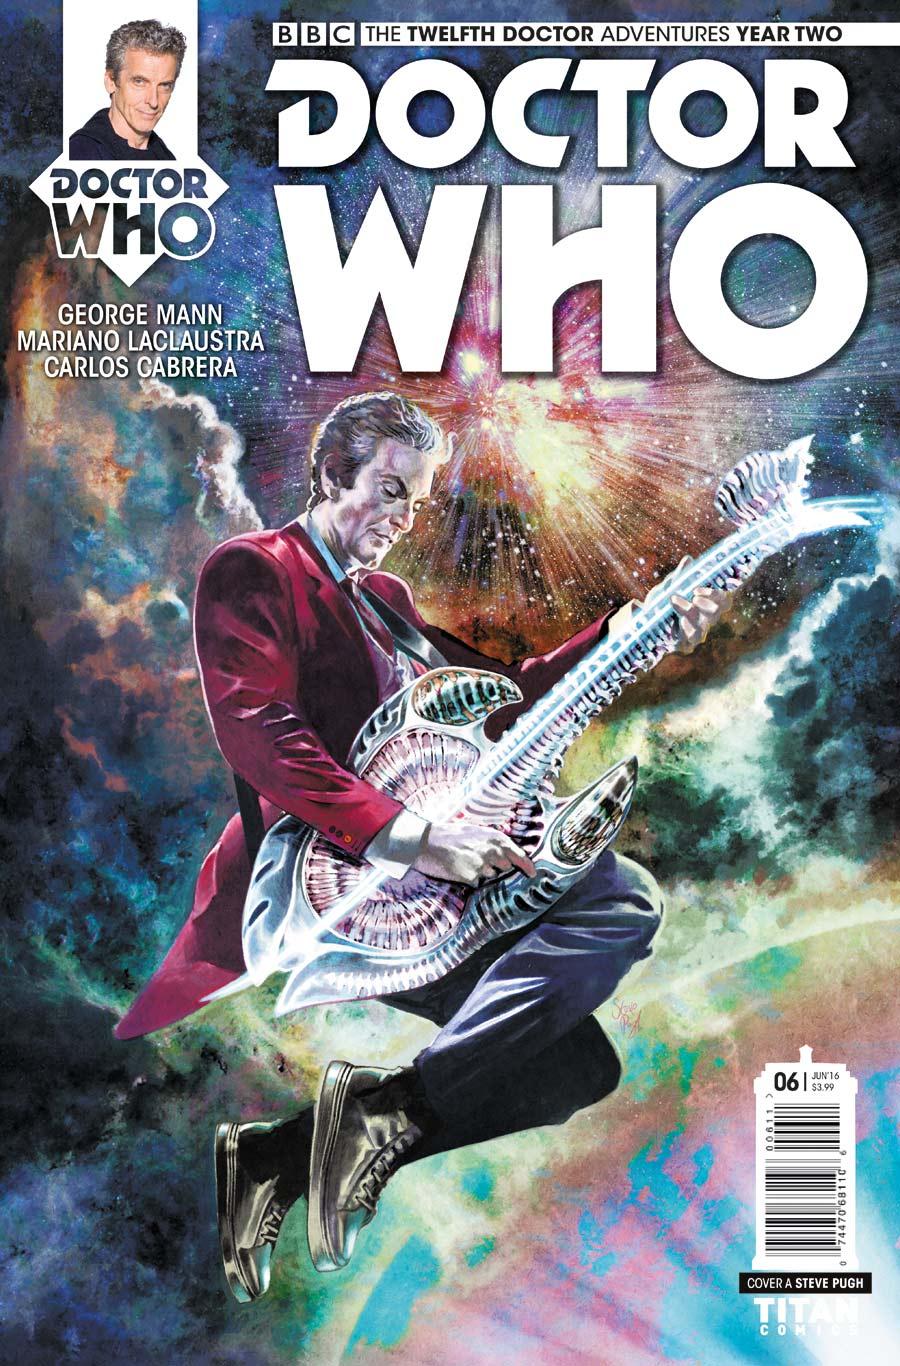 TITAN COMICS TWELFTH DOCTOR #2.6 - COVER A